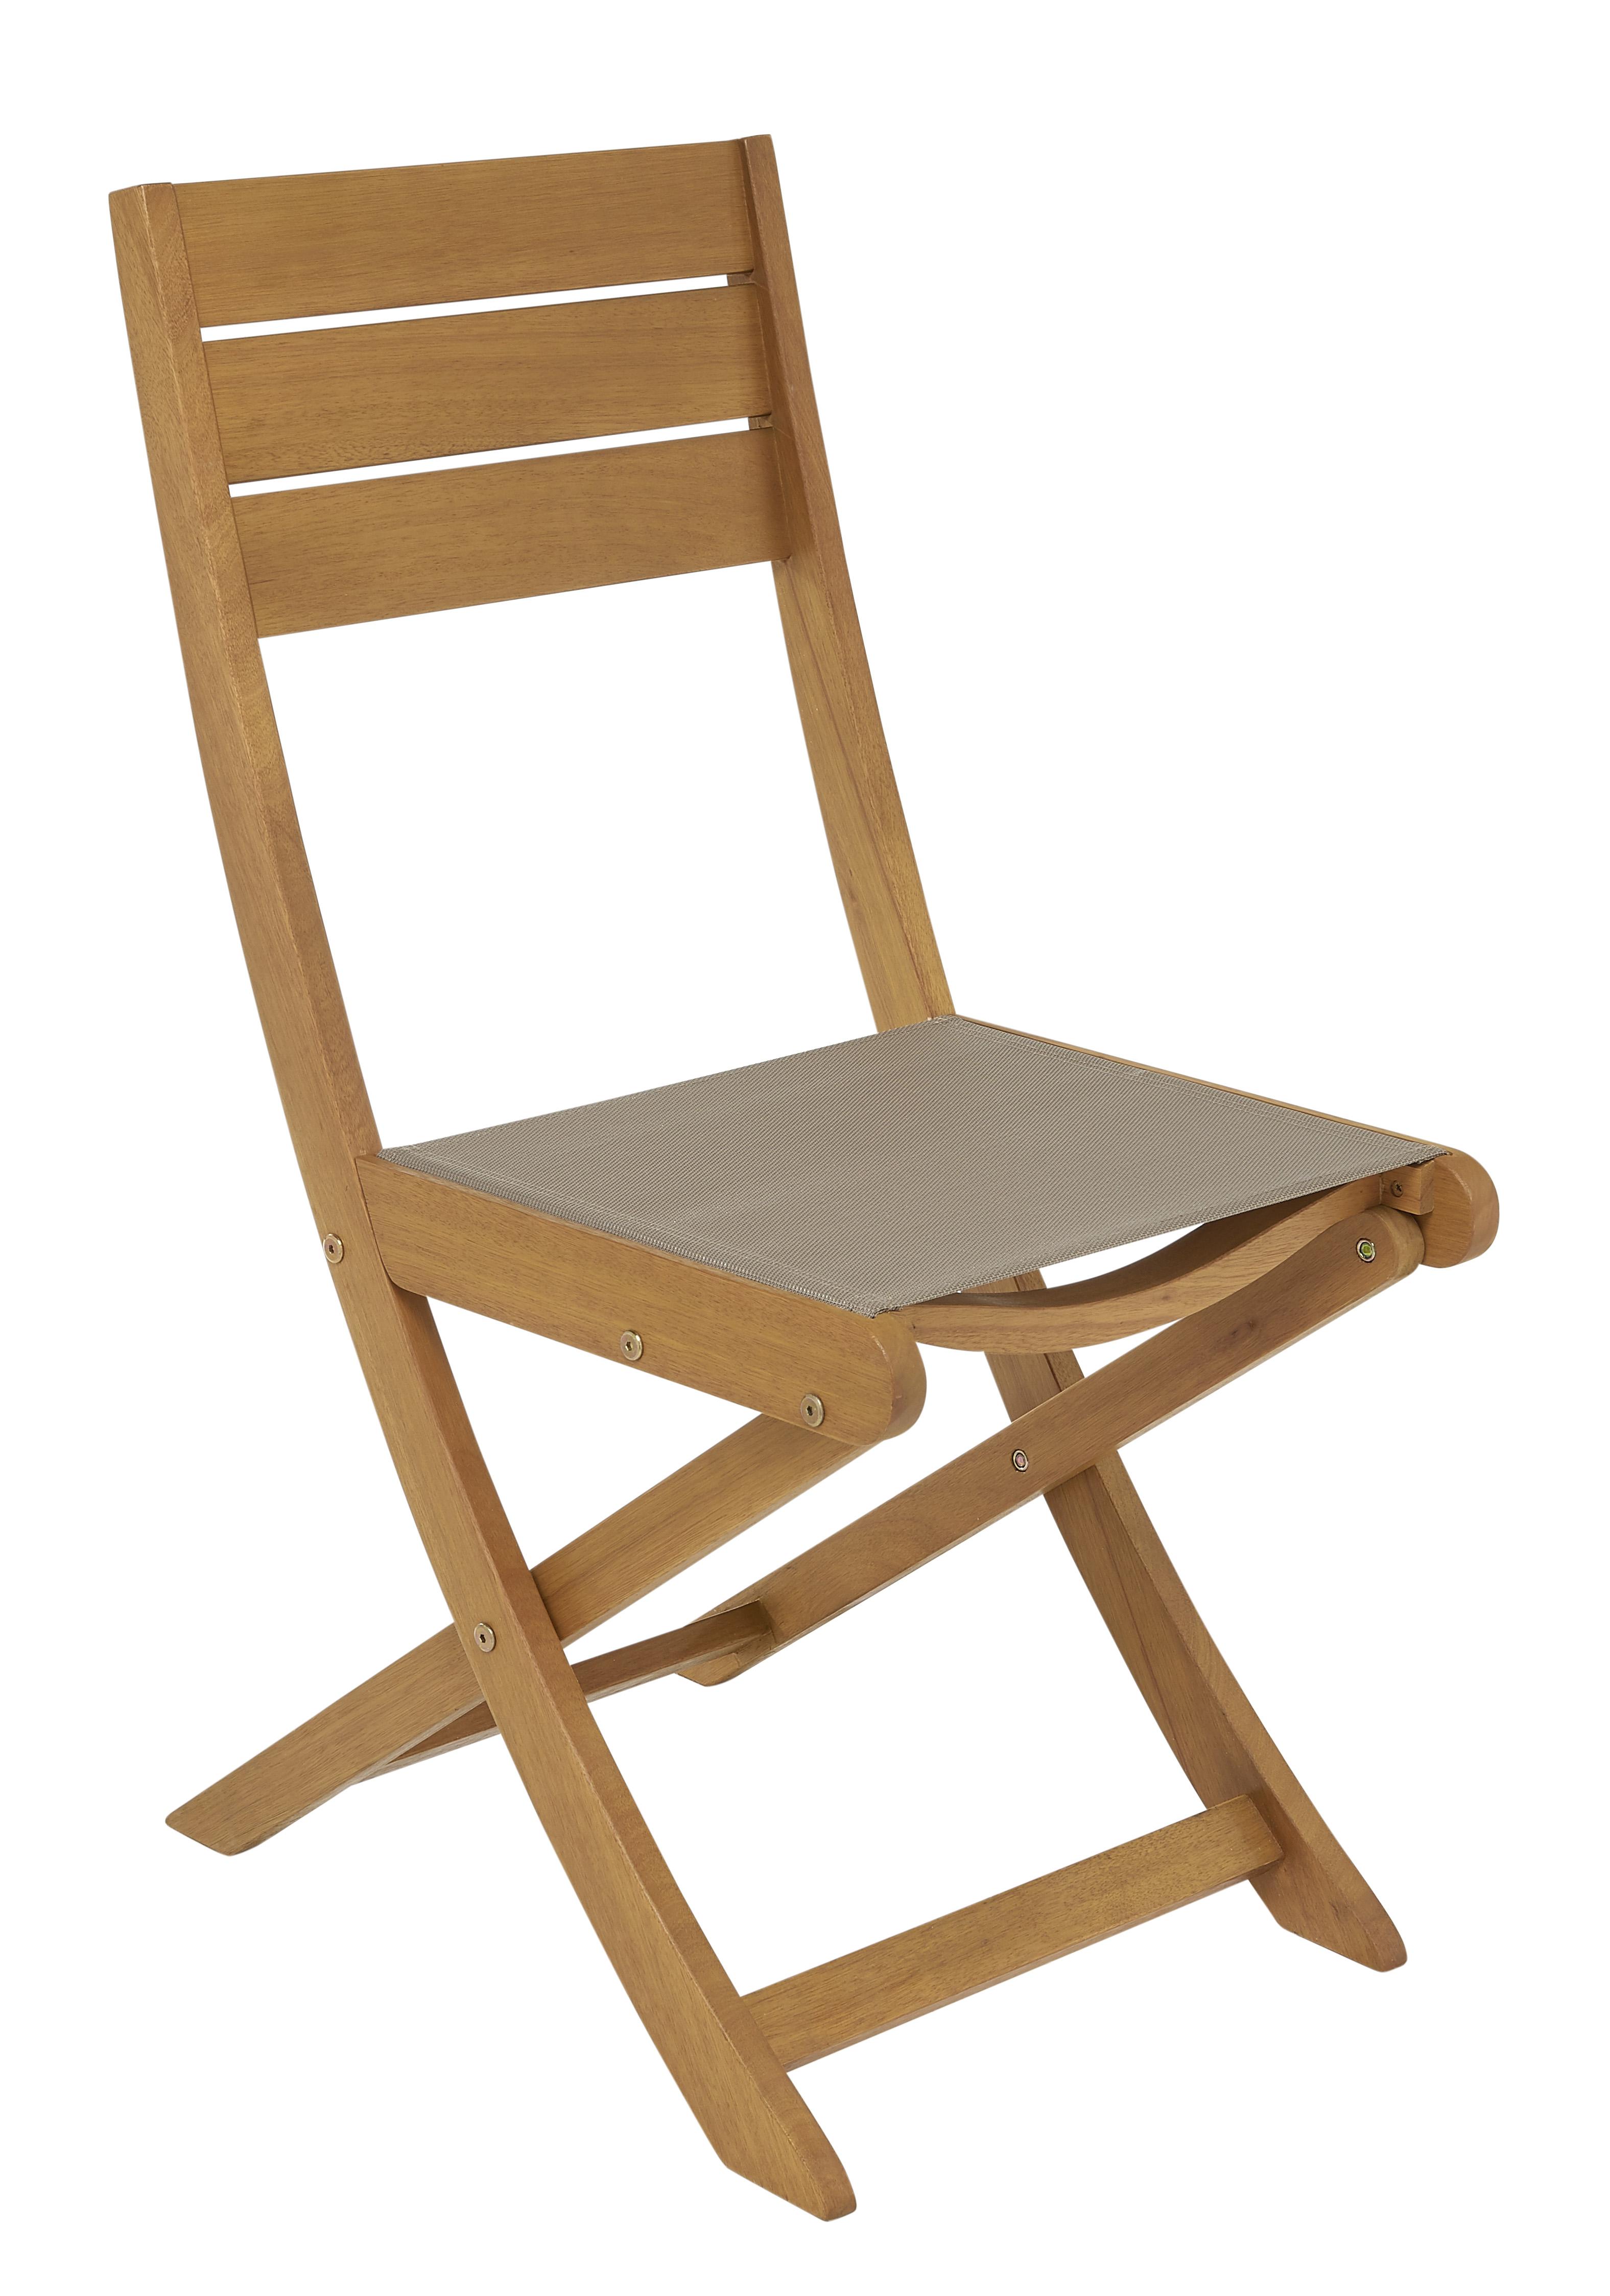 Chaise pliante pas cher top chaises pliante pas cher for Chaise de camping pliante